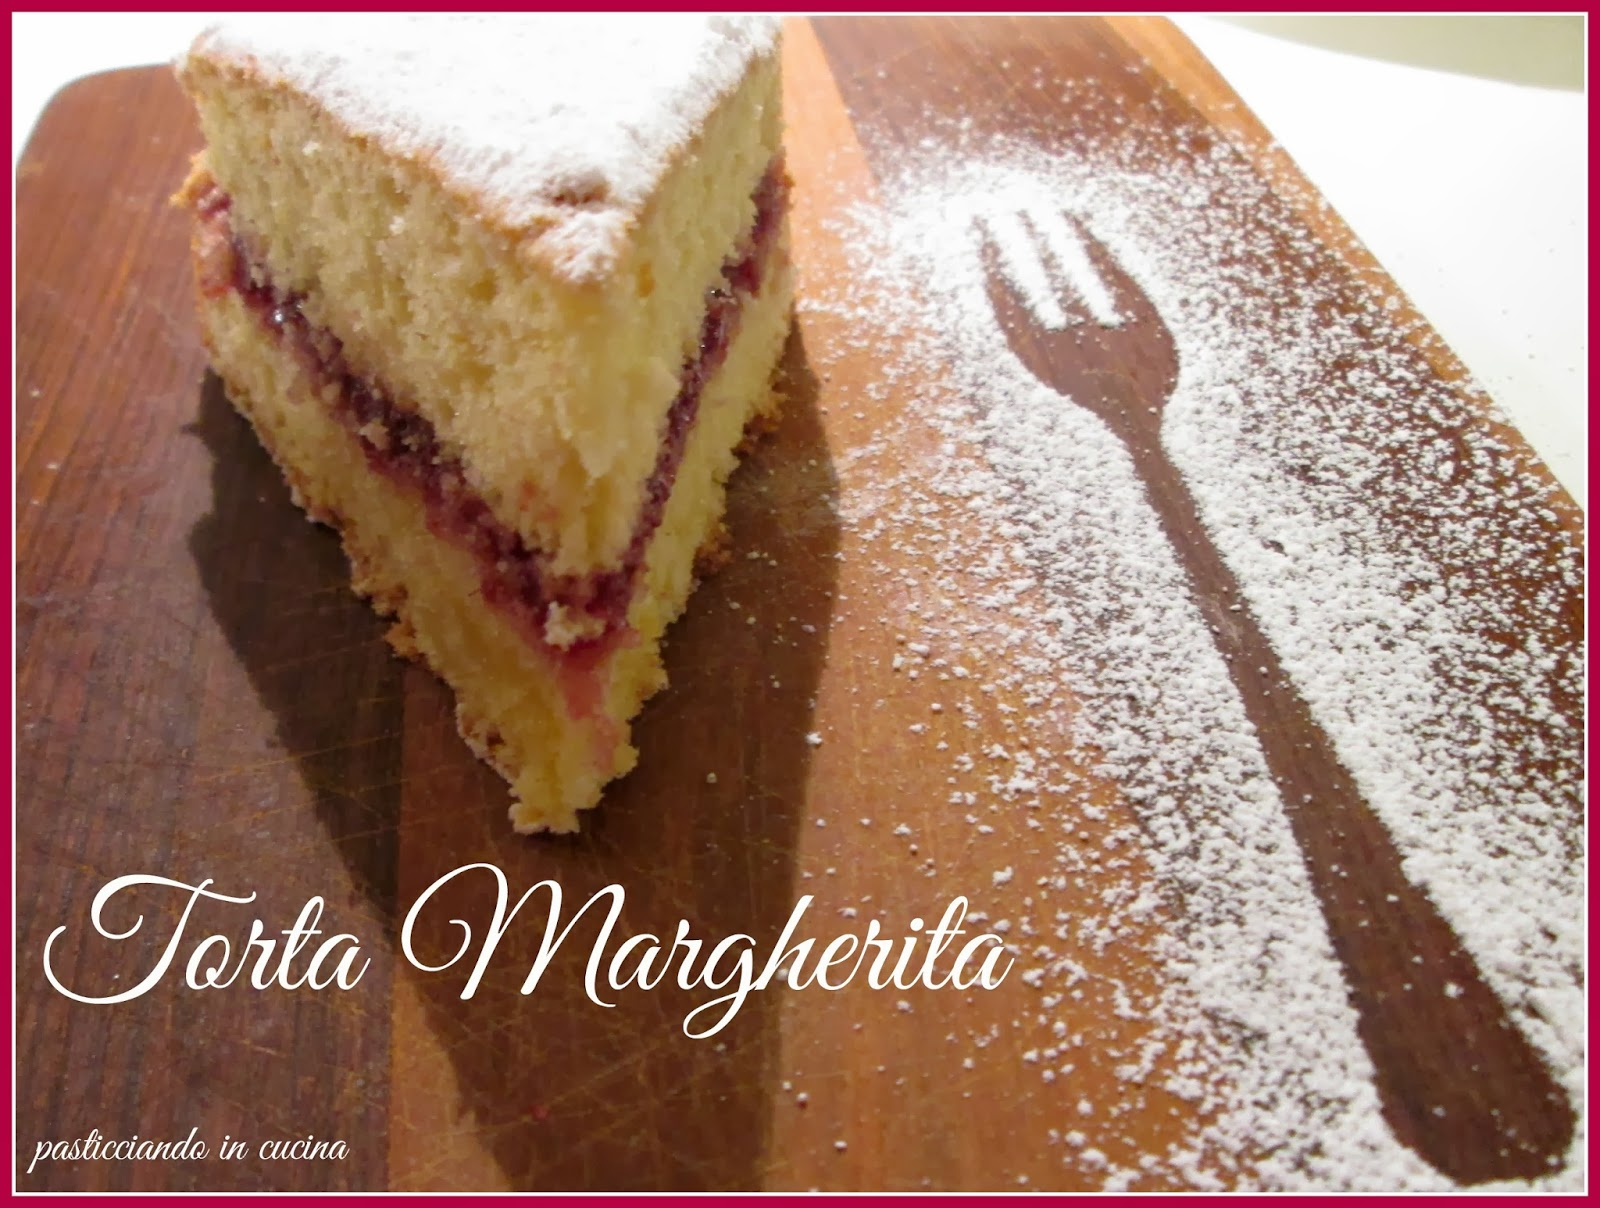 Torte Da Credenza Alice : Pasticciando in cucina: torta margherita con ripieno di marmellata